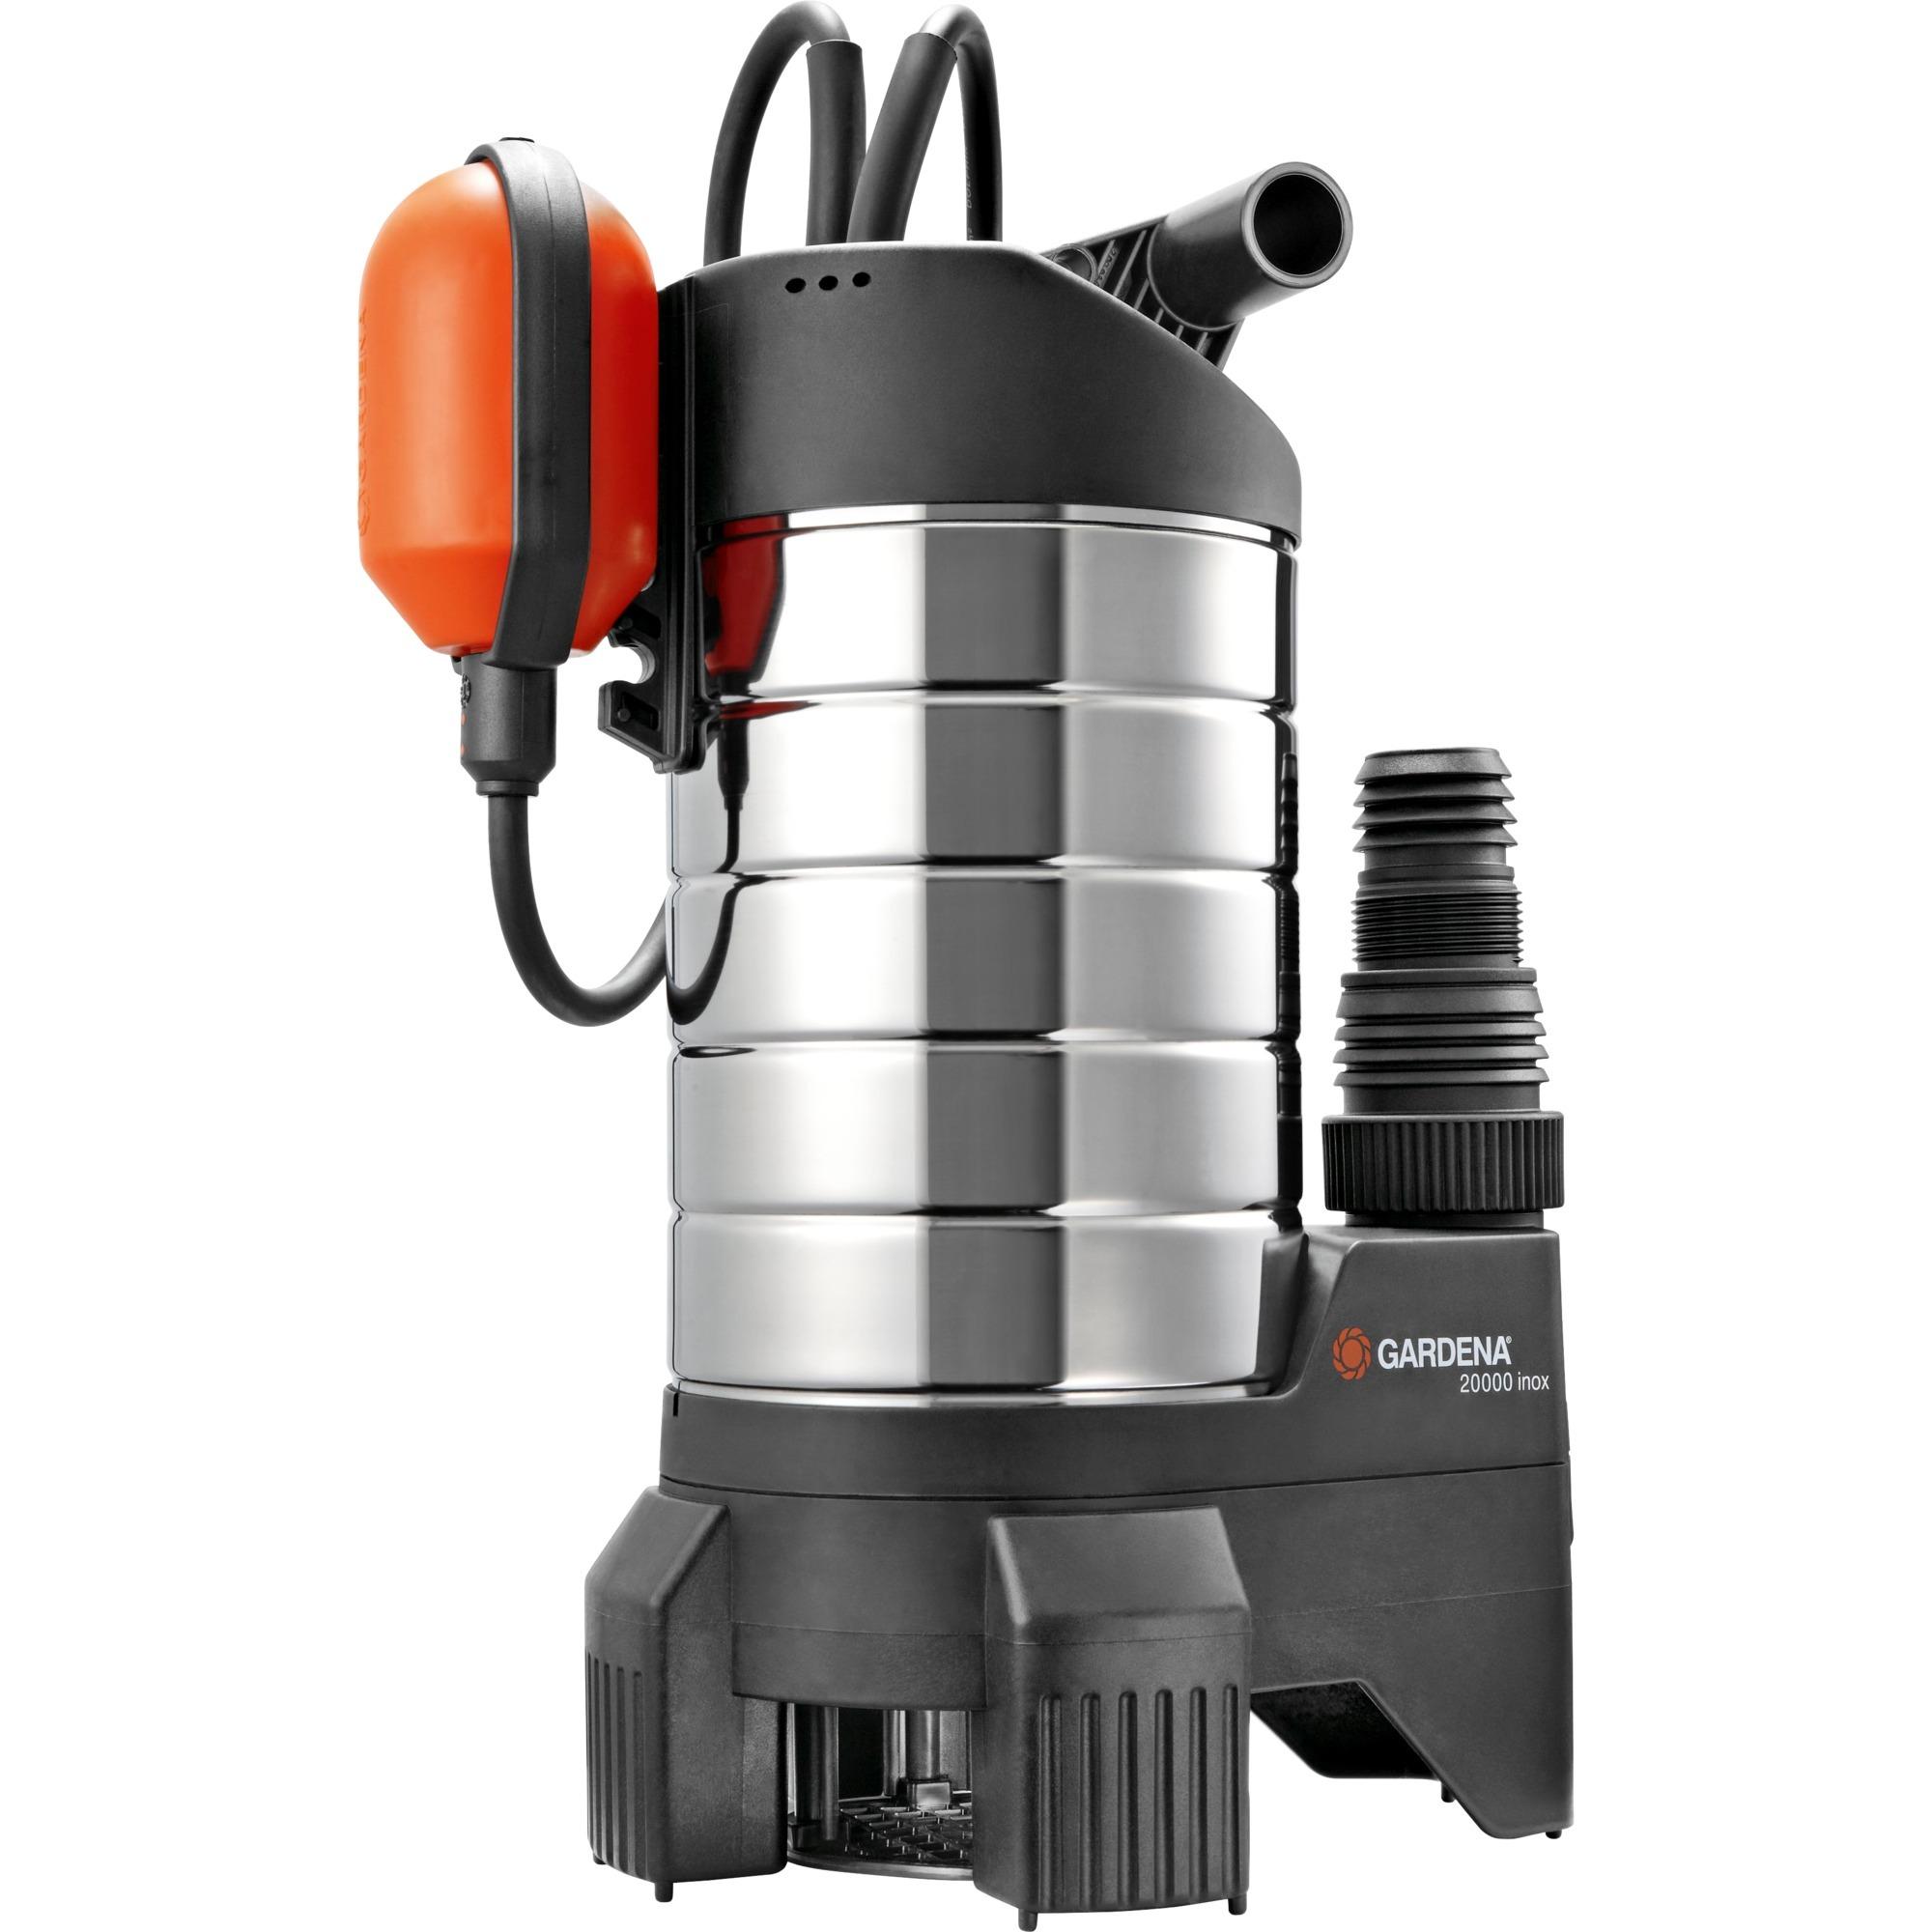 gardena premium schmutzwasserpumpe 20000 inox 01802 20. Black Bedroom Furniture Sets. Home Design Ideas